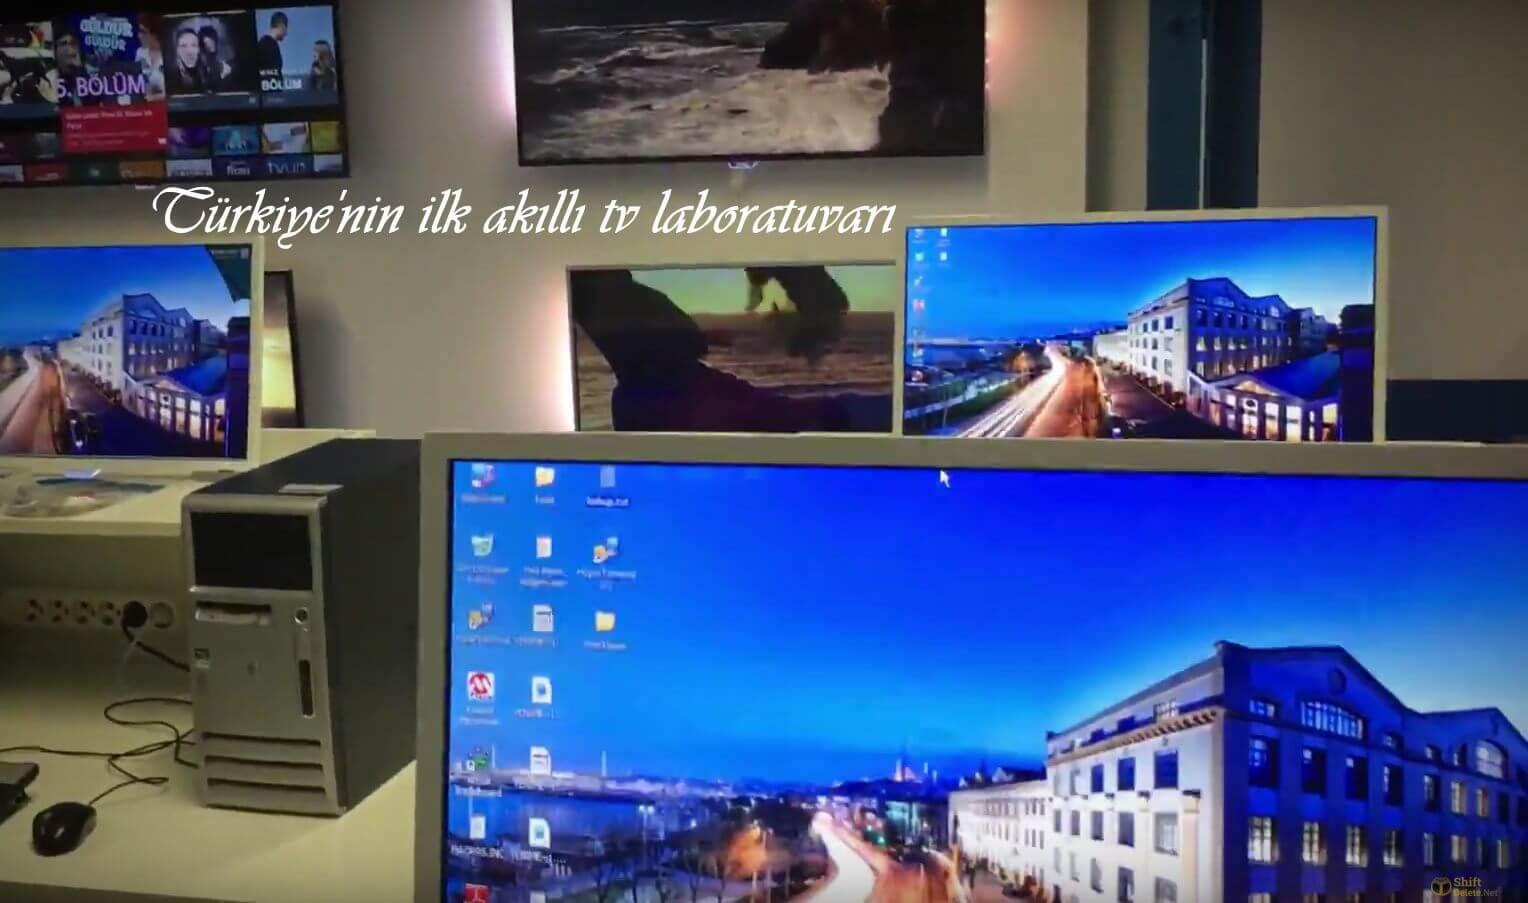 Türkiye'de akıllı TV laboratuvarı açıldı! Peki ne işe yarıyor? 1